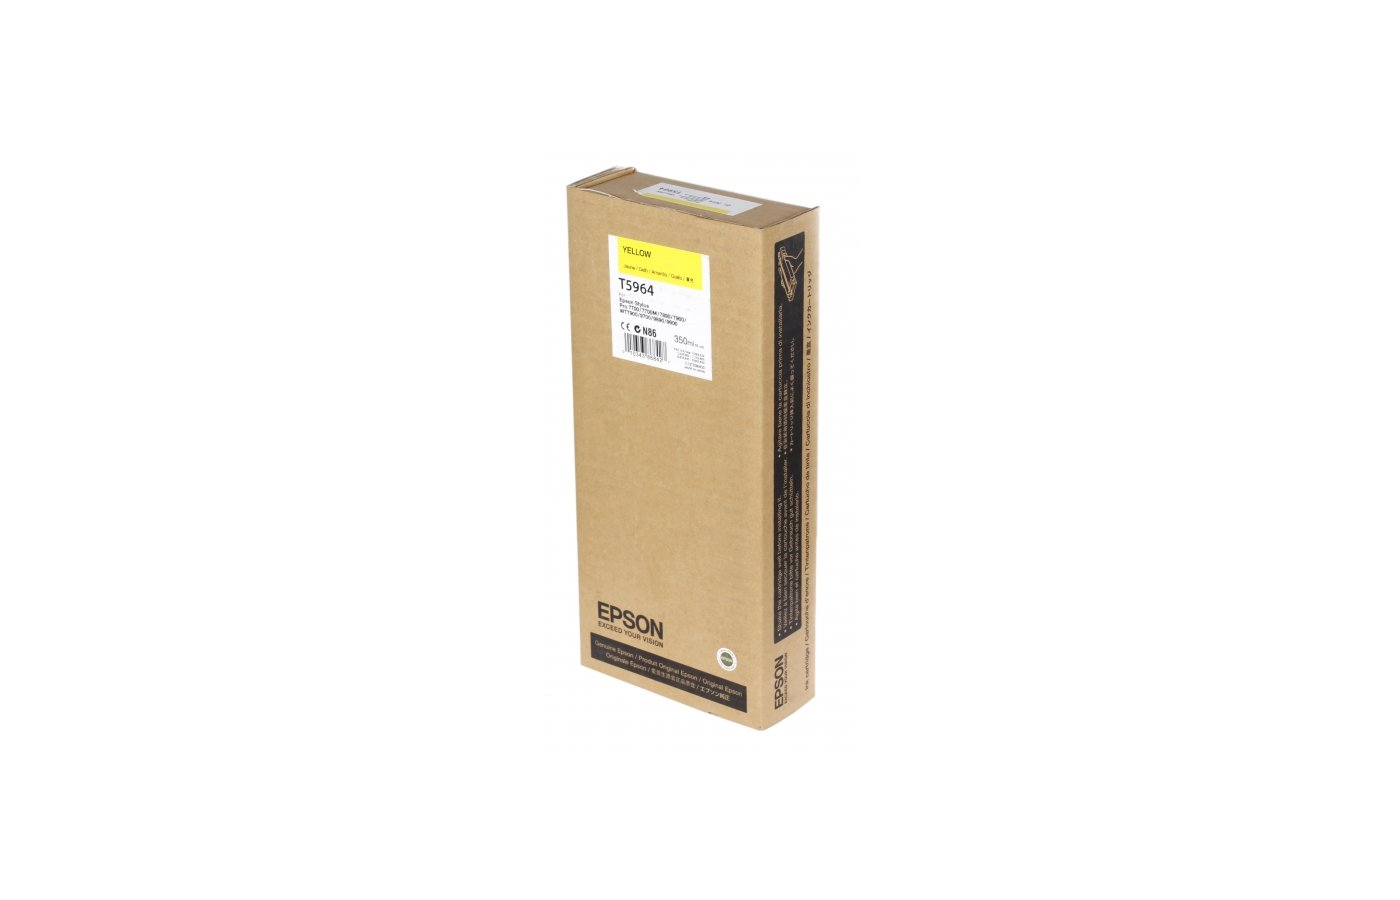 Картридж струйный Epson C13T596400 yellow для Stylus Pro 7900/9900 (350 мл)